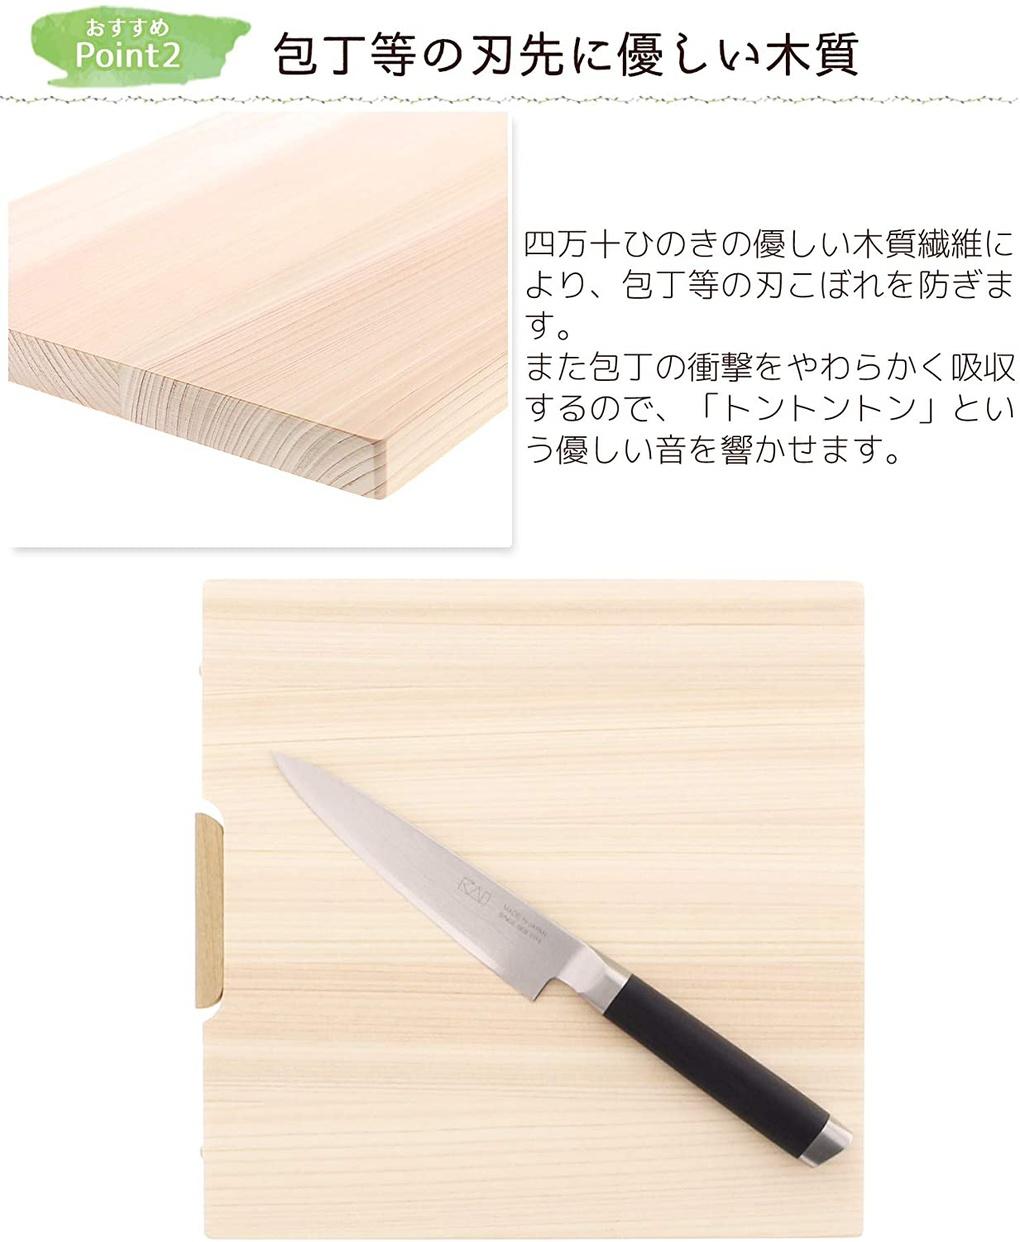 土佐龍(トサリュウ) 四万十ひのきスタンド付き まな板の商品画像3